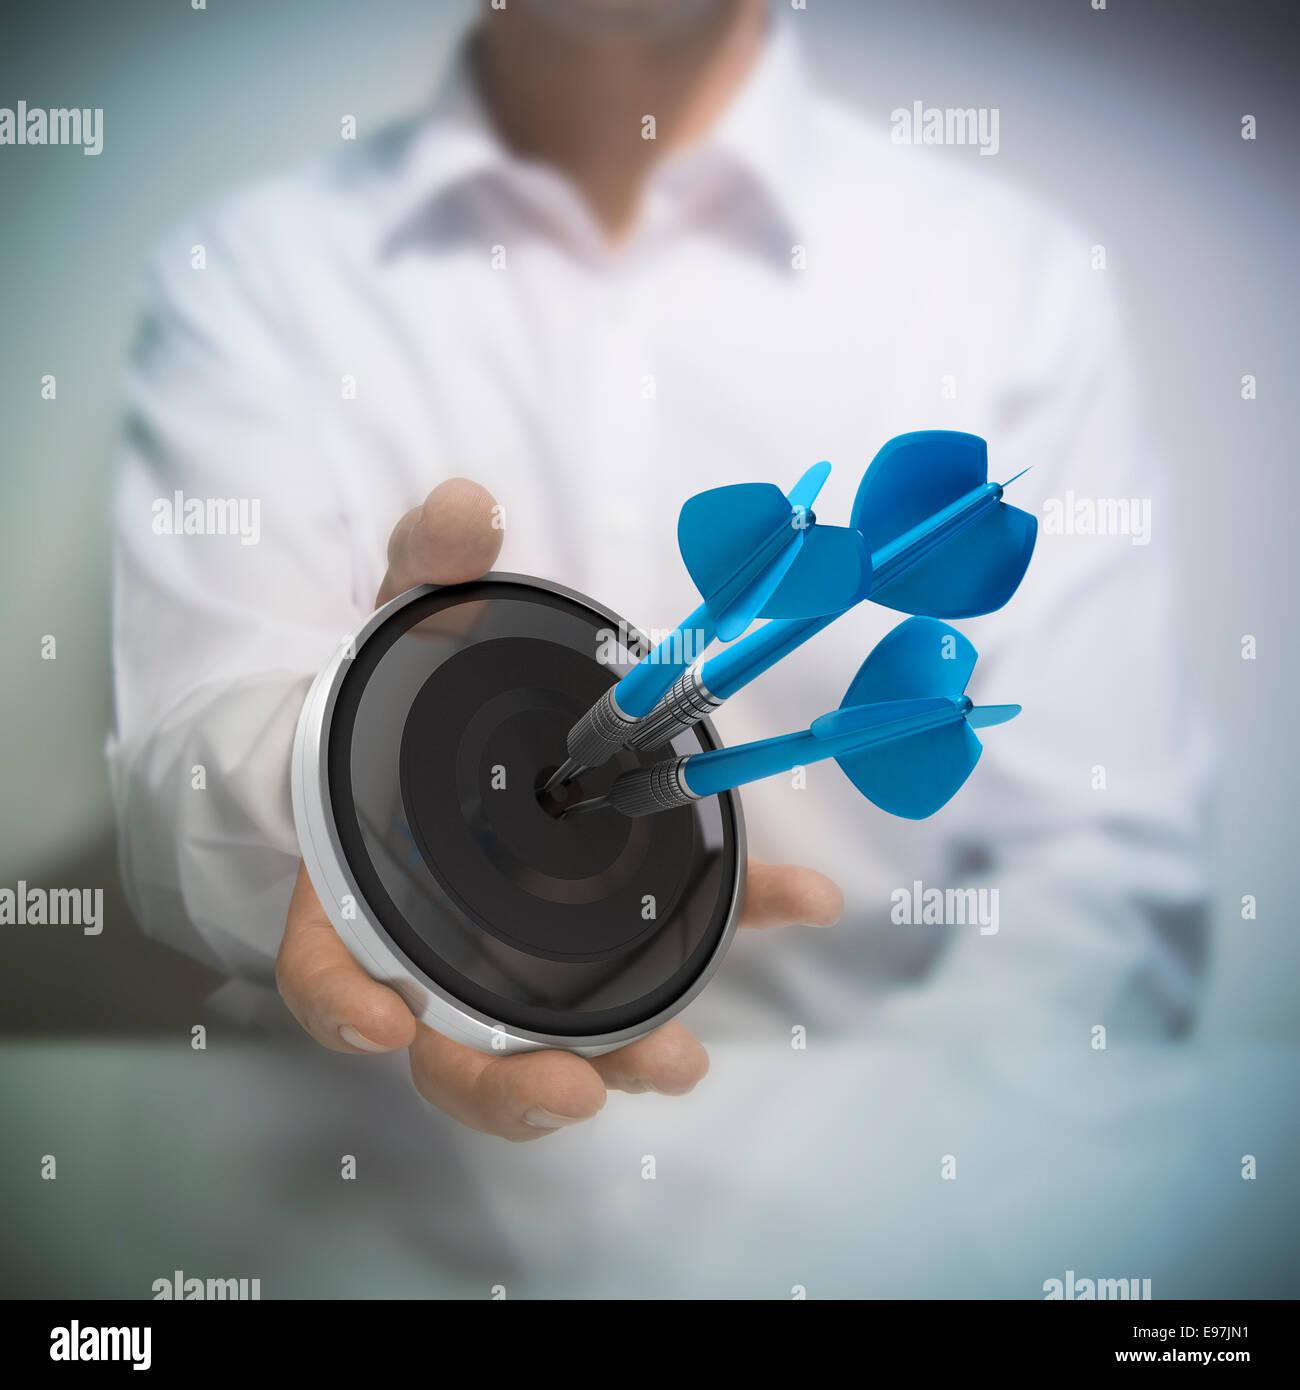 Man holding sur noir cible avec trois fléchettes bleu frappant le centre. Concept de droit pour l'illustration Photo Stock